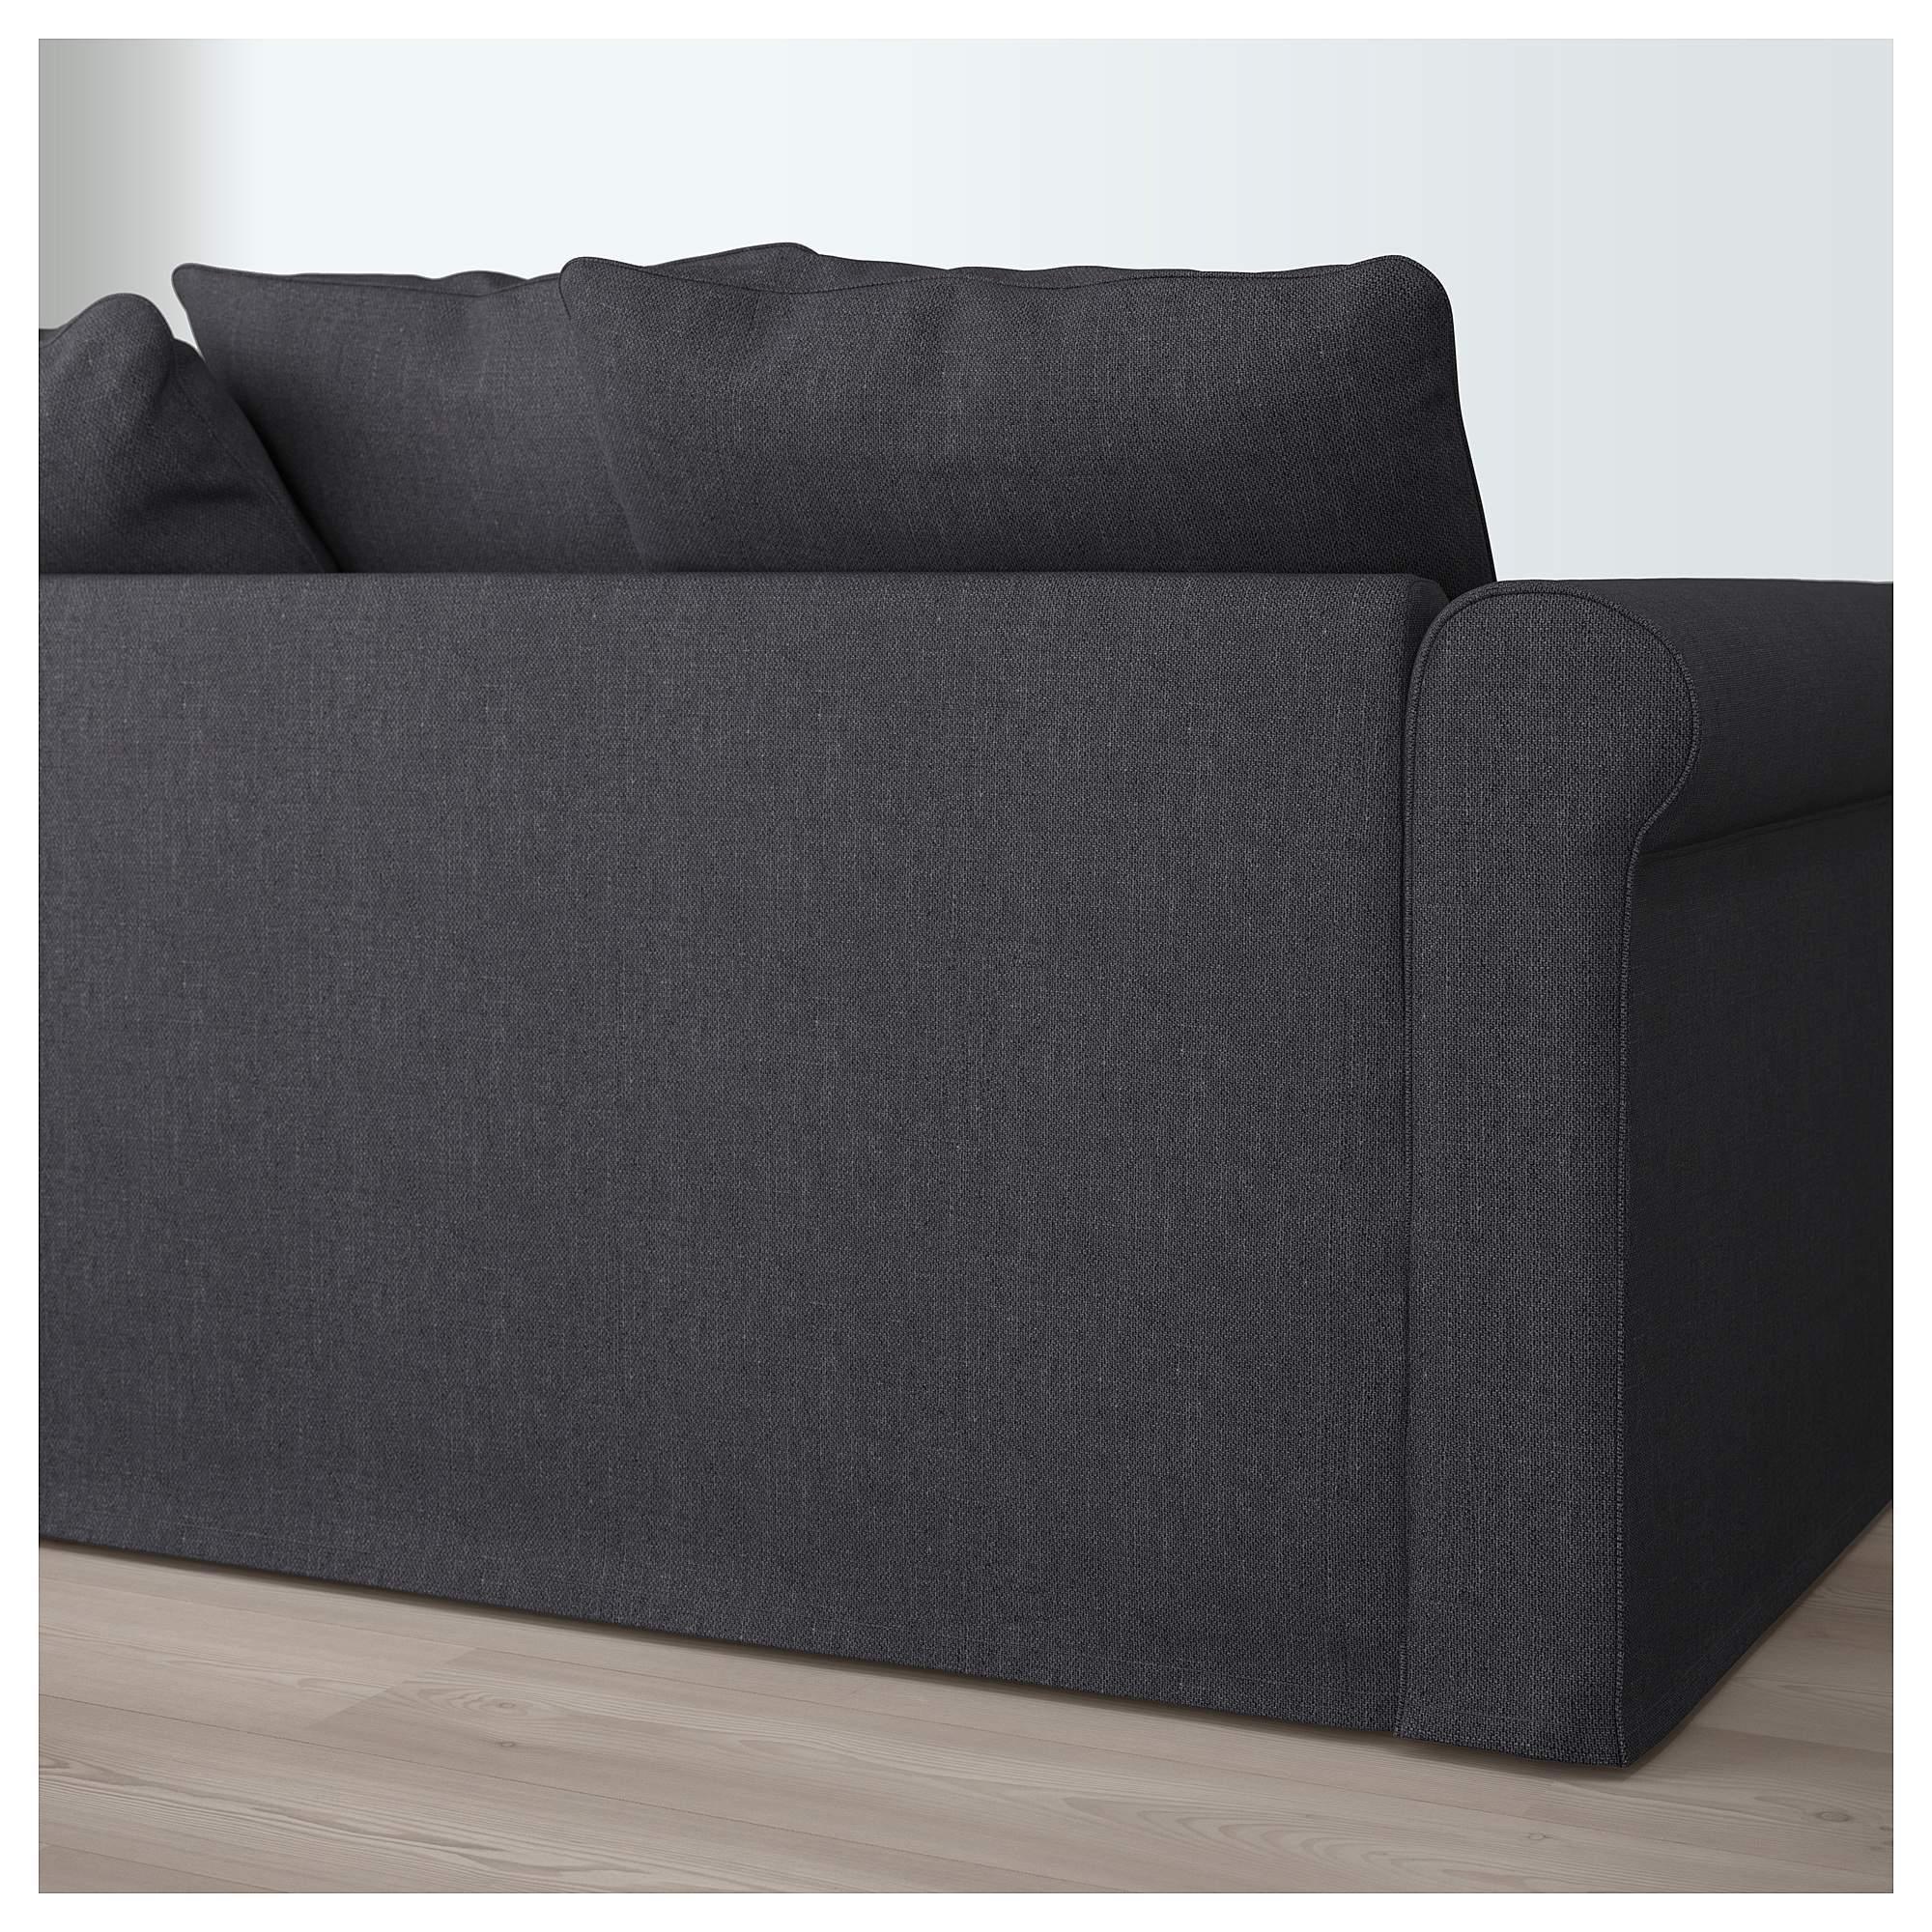 poco wohnzimmer luxus ikea grc296nlid sectional 4 seat with chaise sporda dark of poco wohnzimmer